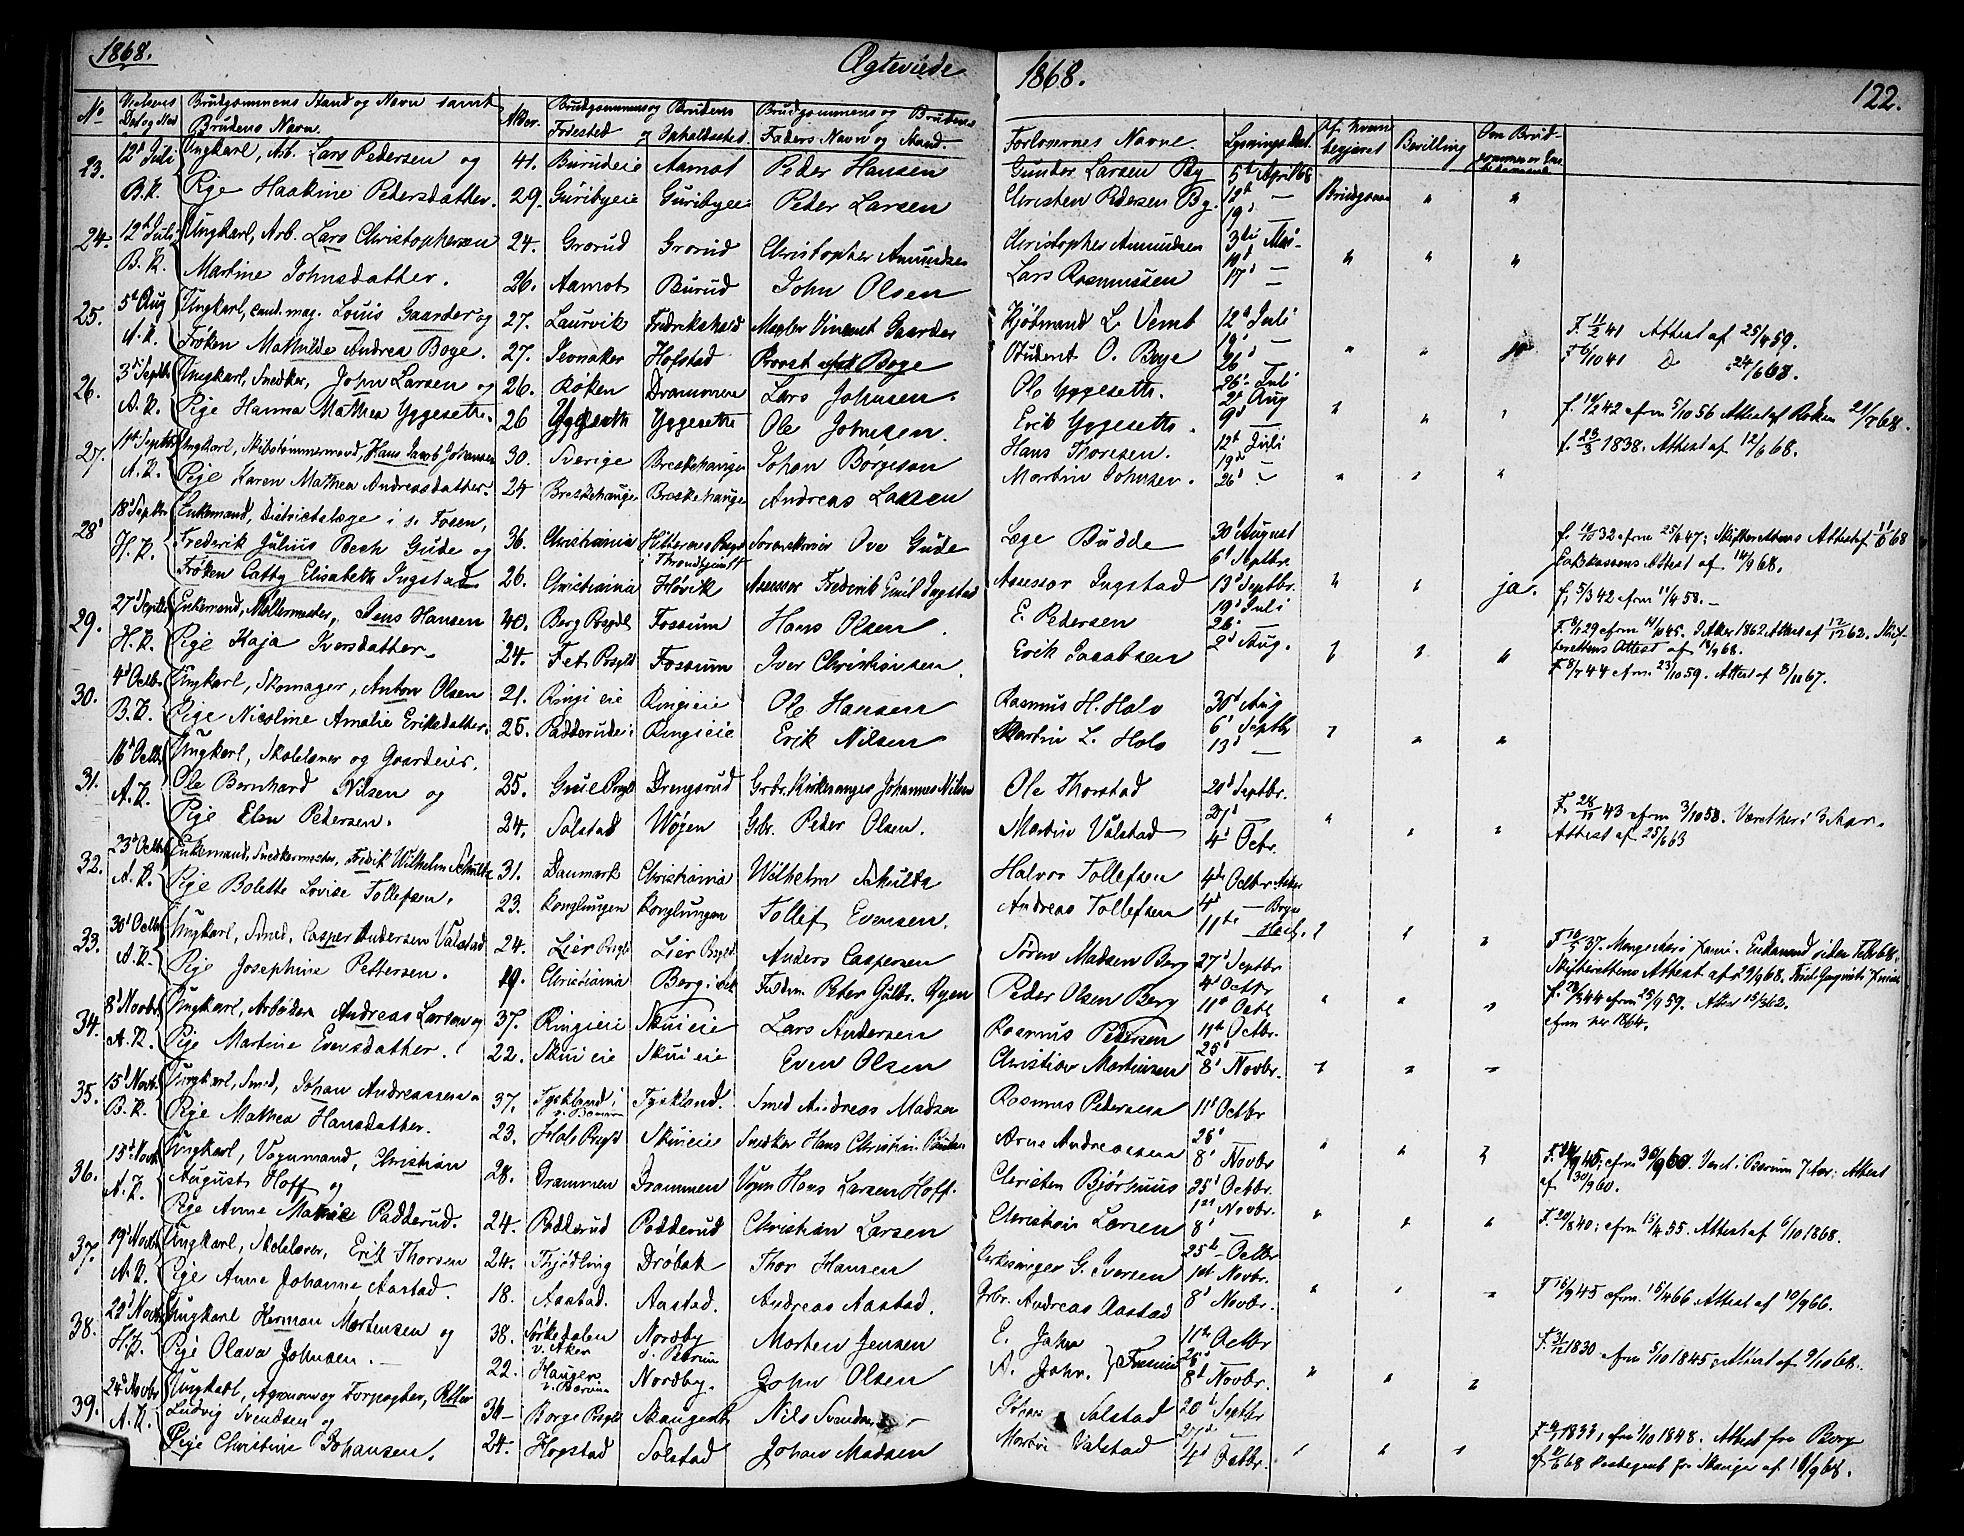 SAO, Asker prestekontor Kirkebøker, F/Fa/L0010: Ministerialbok nr. I 10, 1825-1878, s. 122